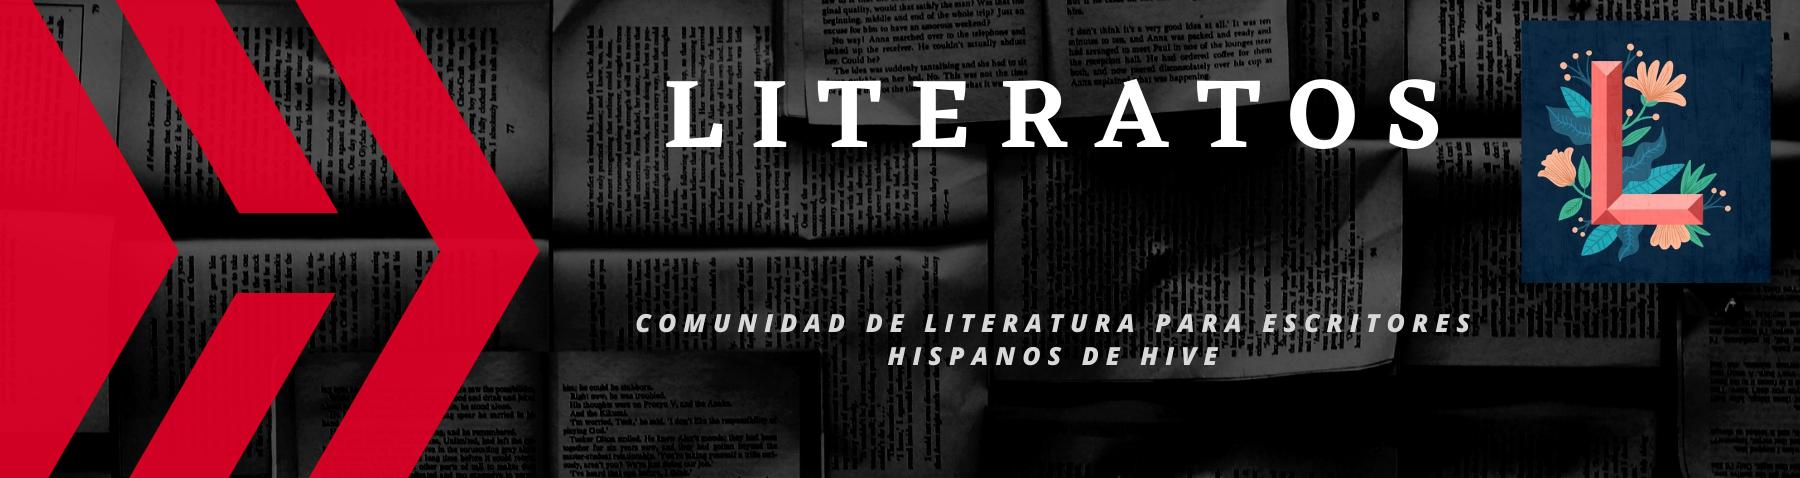 BANNER_LITERATOS.png